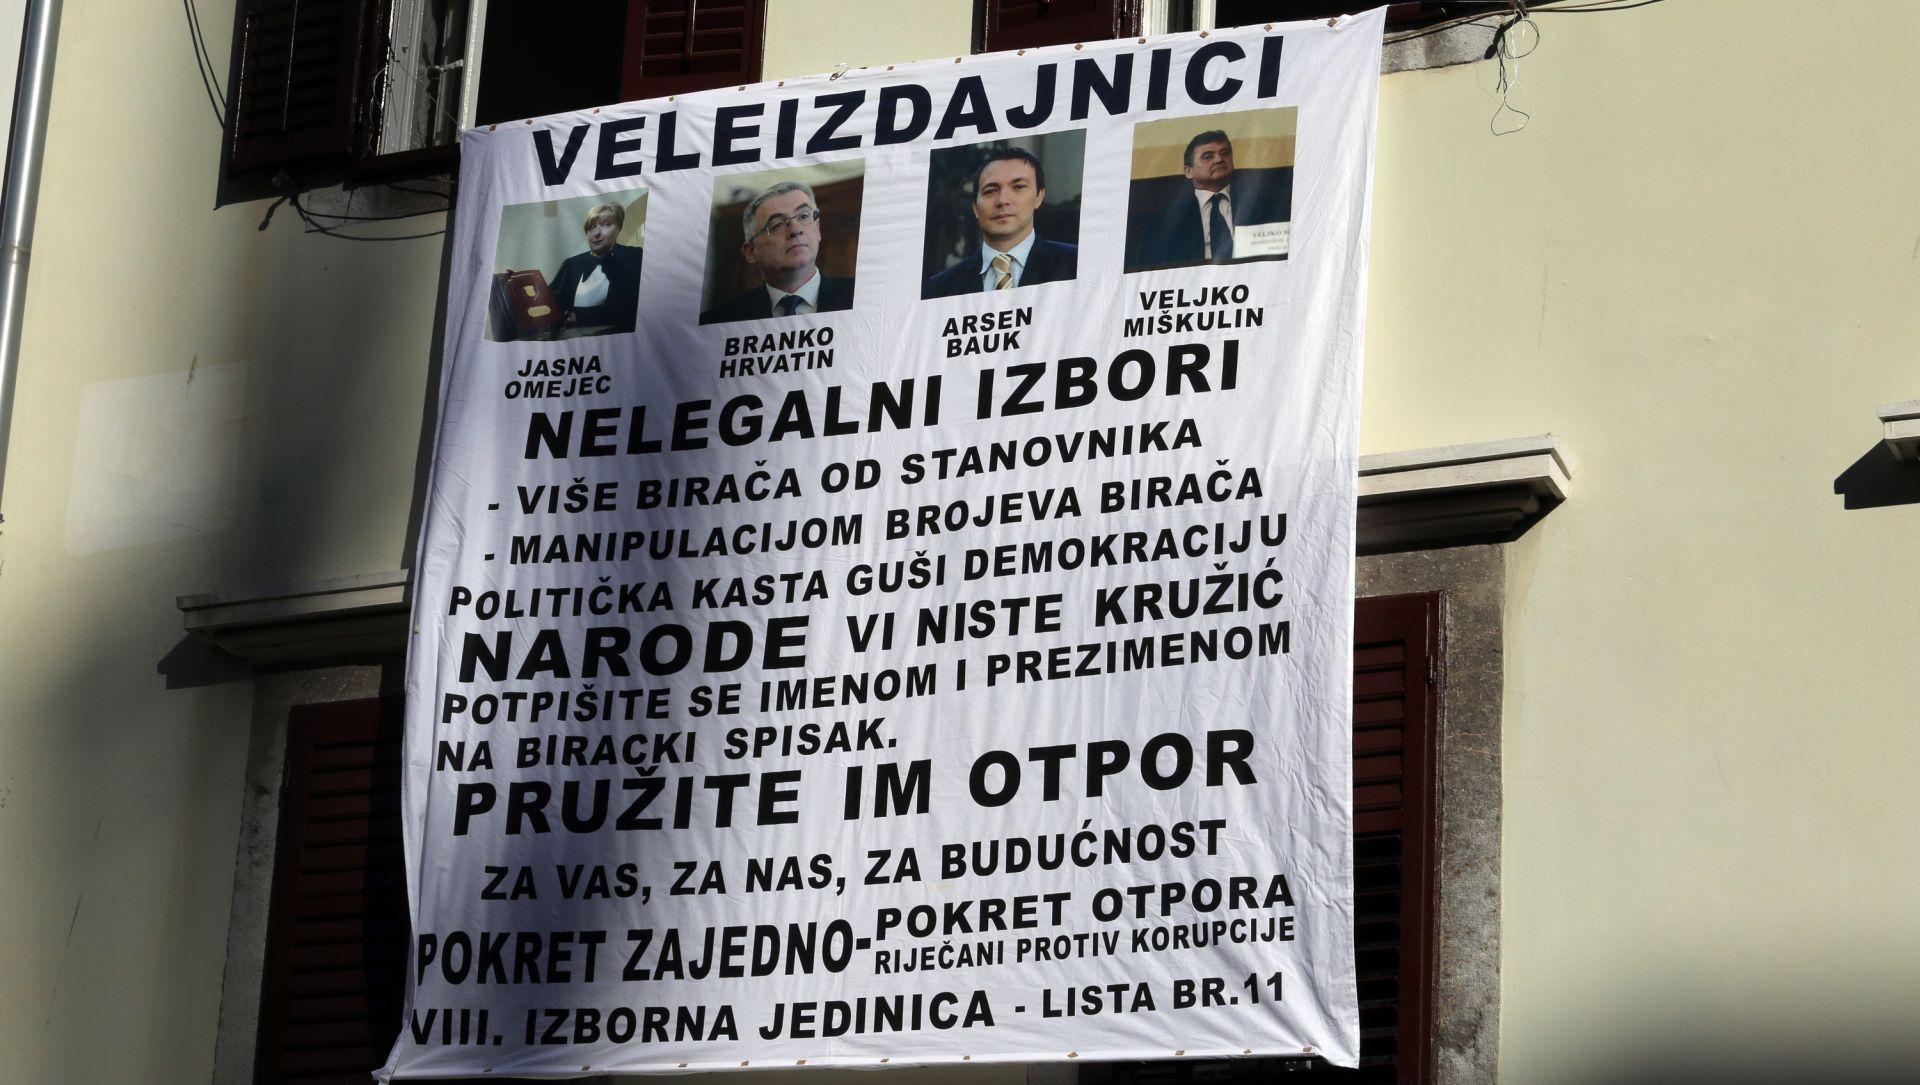 """IZBORI 2015. Rijeka: Pokret zajedno izvijesio transparent s fotografijama dužnosnika i natpisom """"Veleizdajnici"""""""